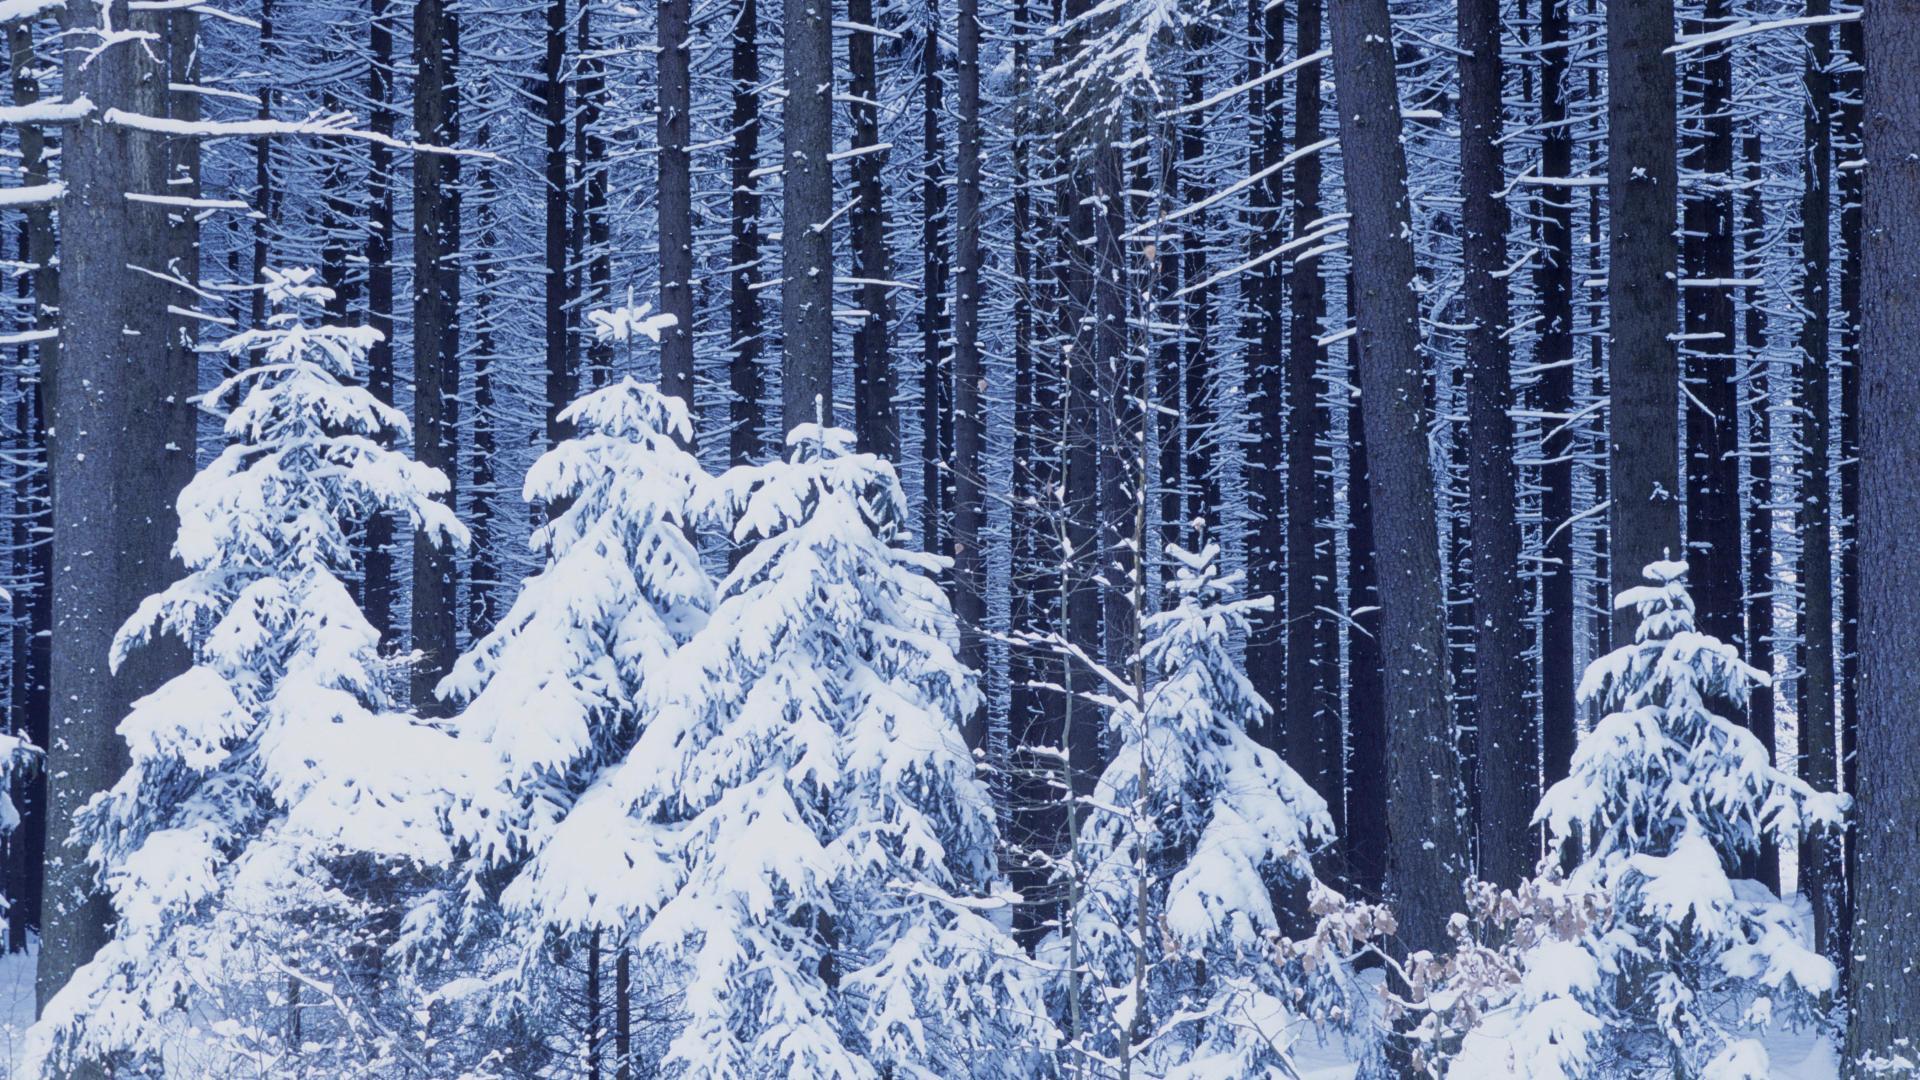 Новый год лес снег зима 1920x1080